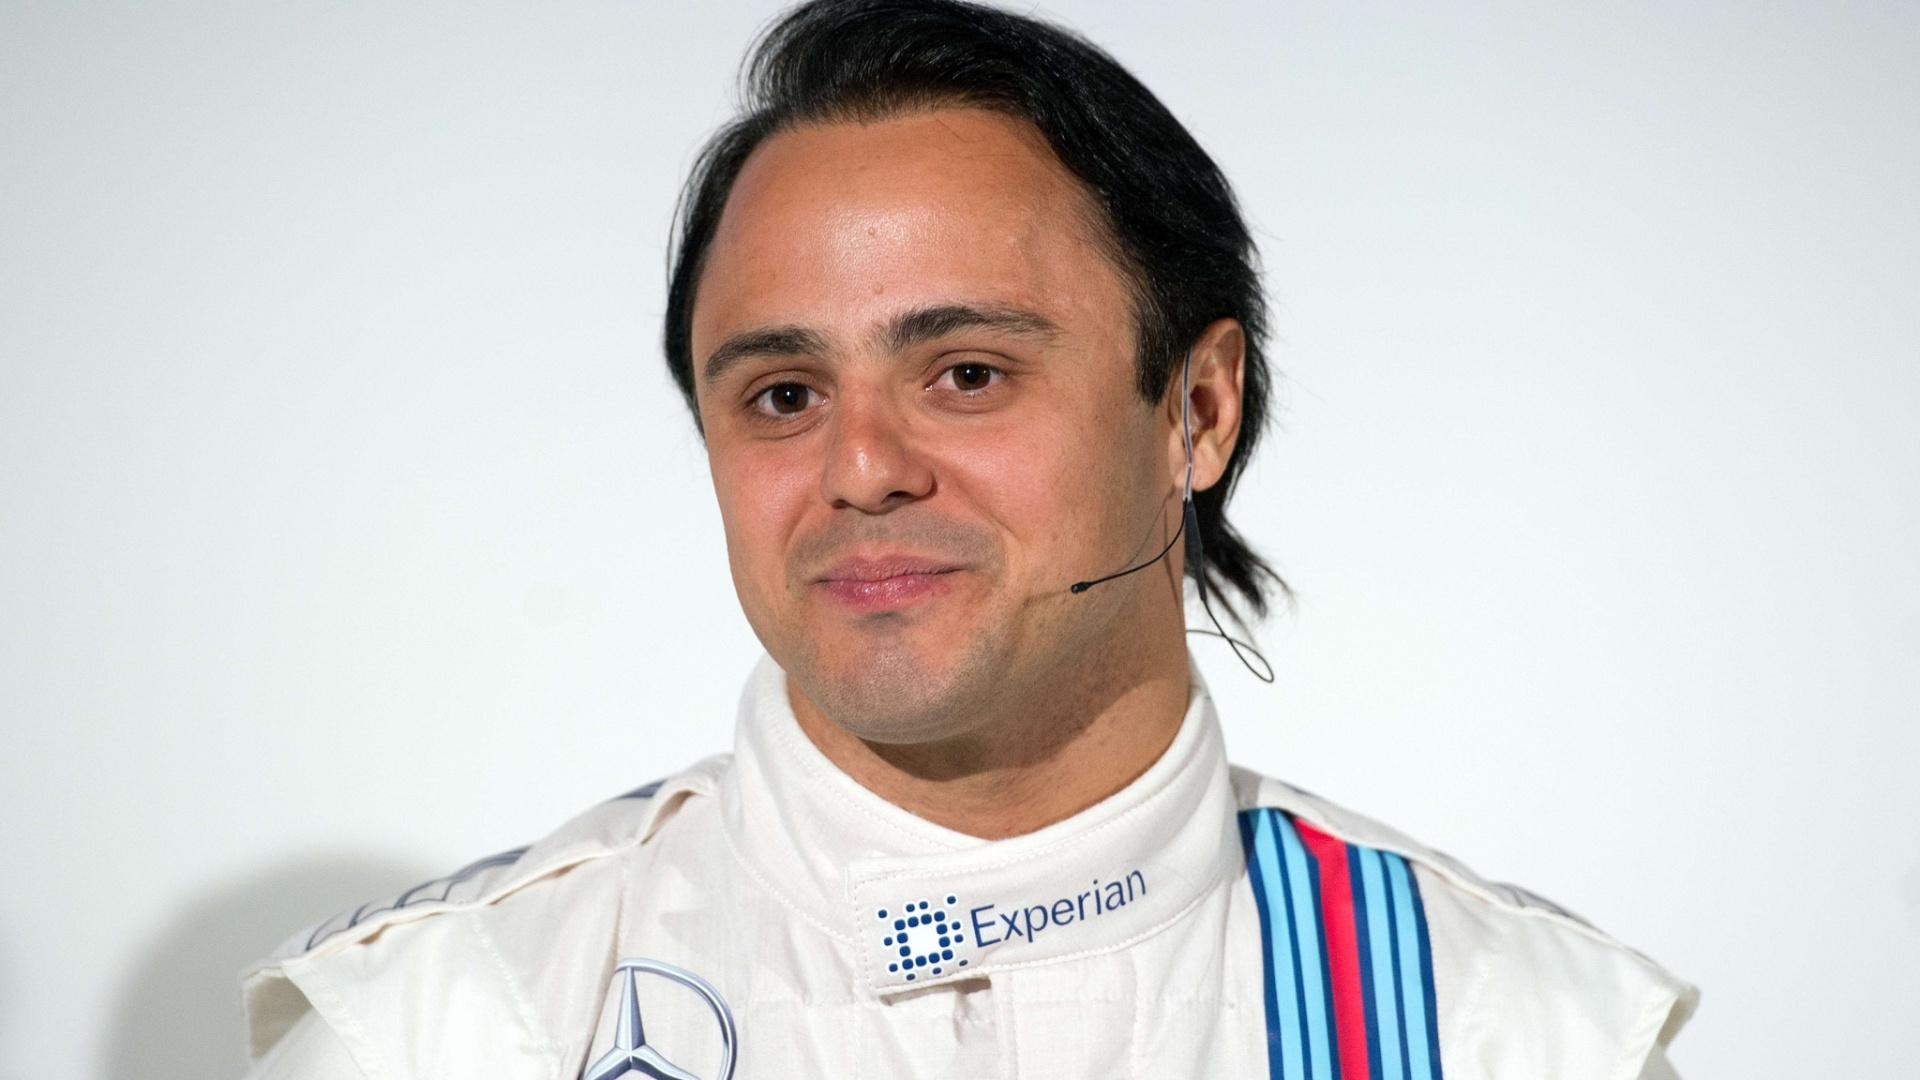 People - Felipe Massa: http://www.sitewww.ch/people_sport.php?discipline=automobile&people=Felipe+Massa